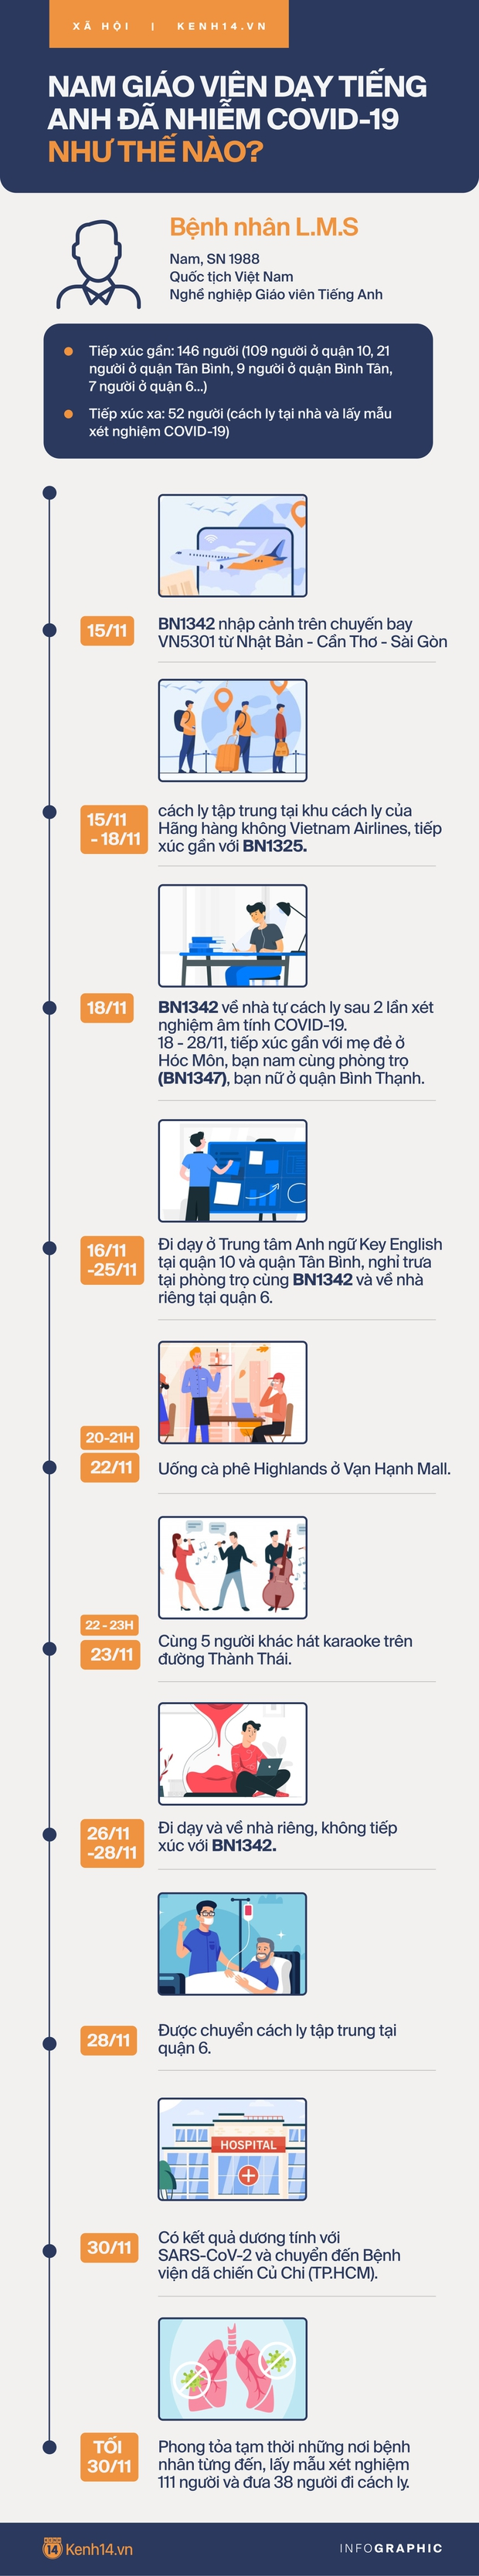 Infographic: Nam giáo viên dạy Tiếng Anh đã nhiễm COVID-19 như thế nào? - Ảnh 1.